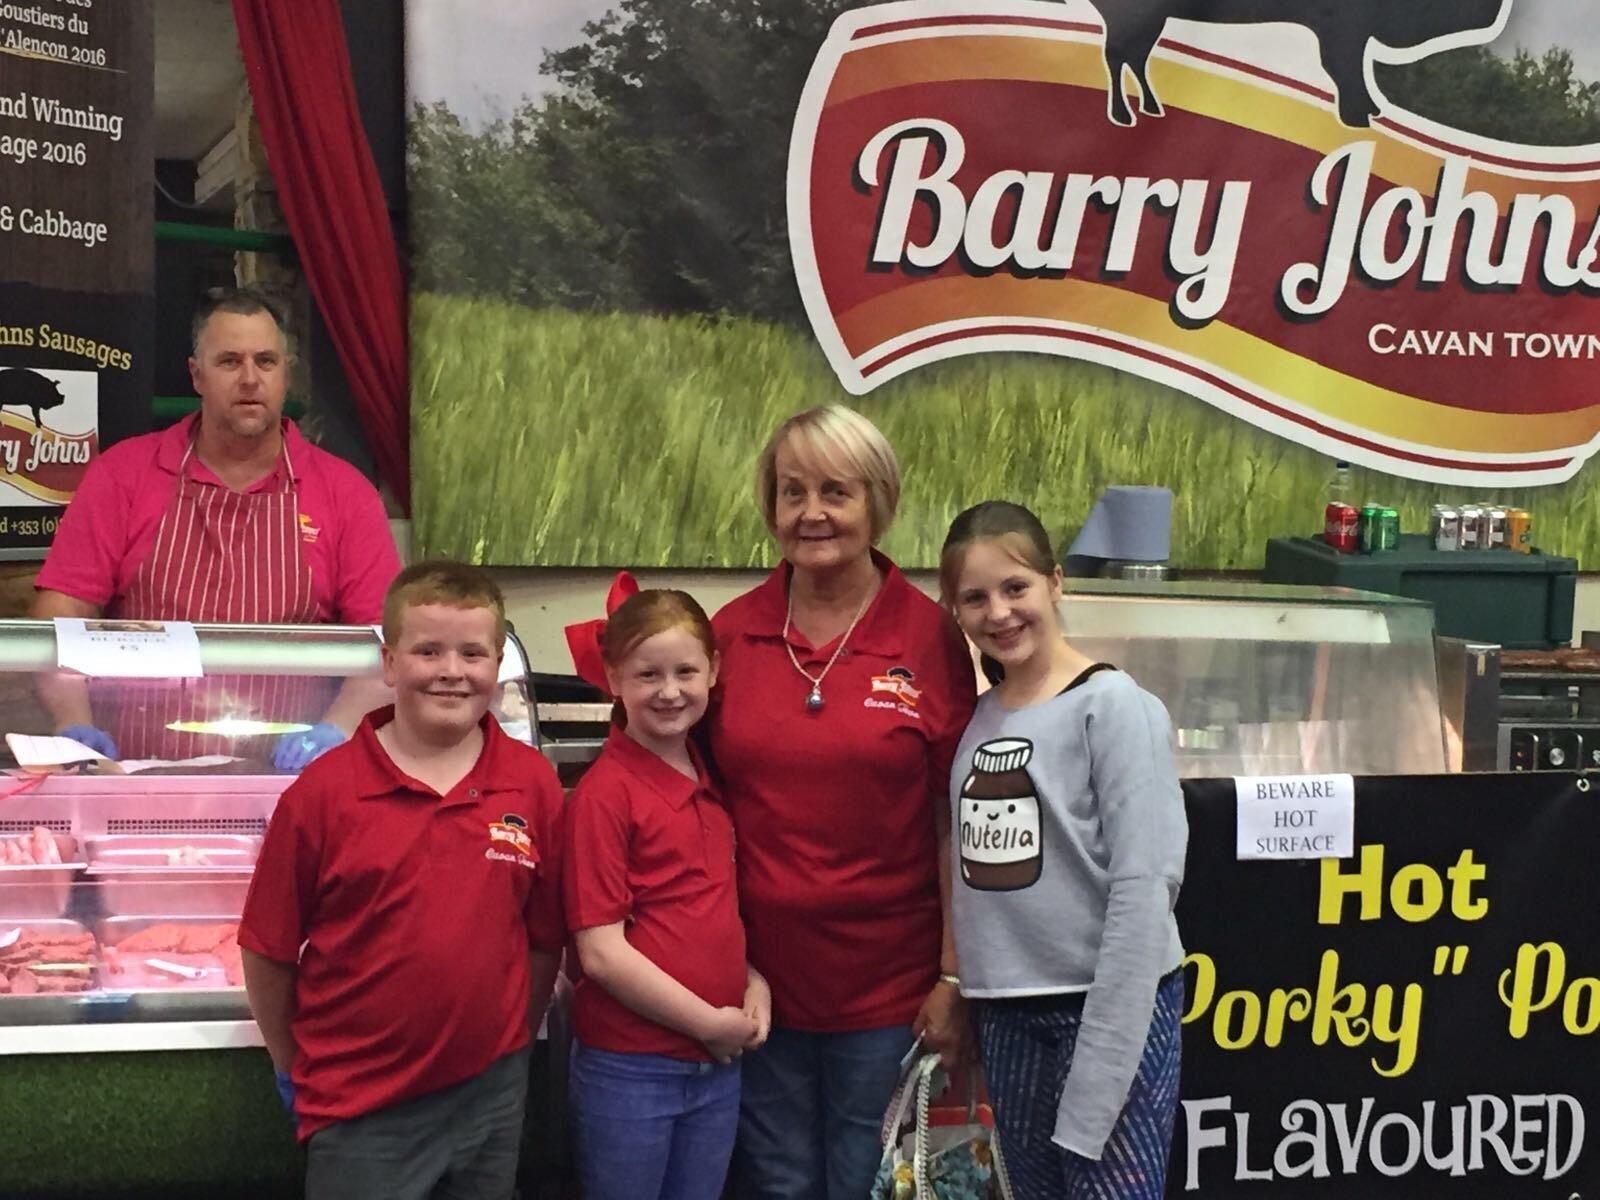 Barry John Sausages Taste of Cavan Stand